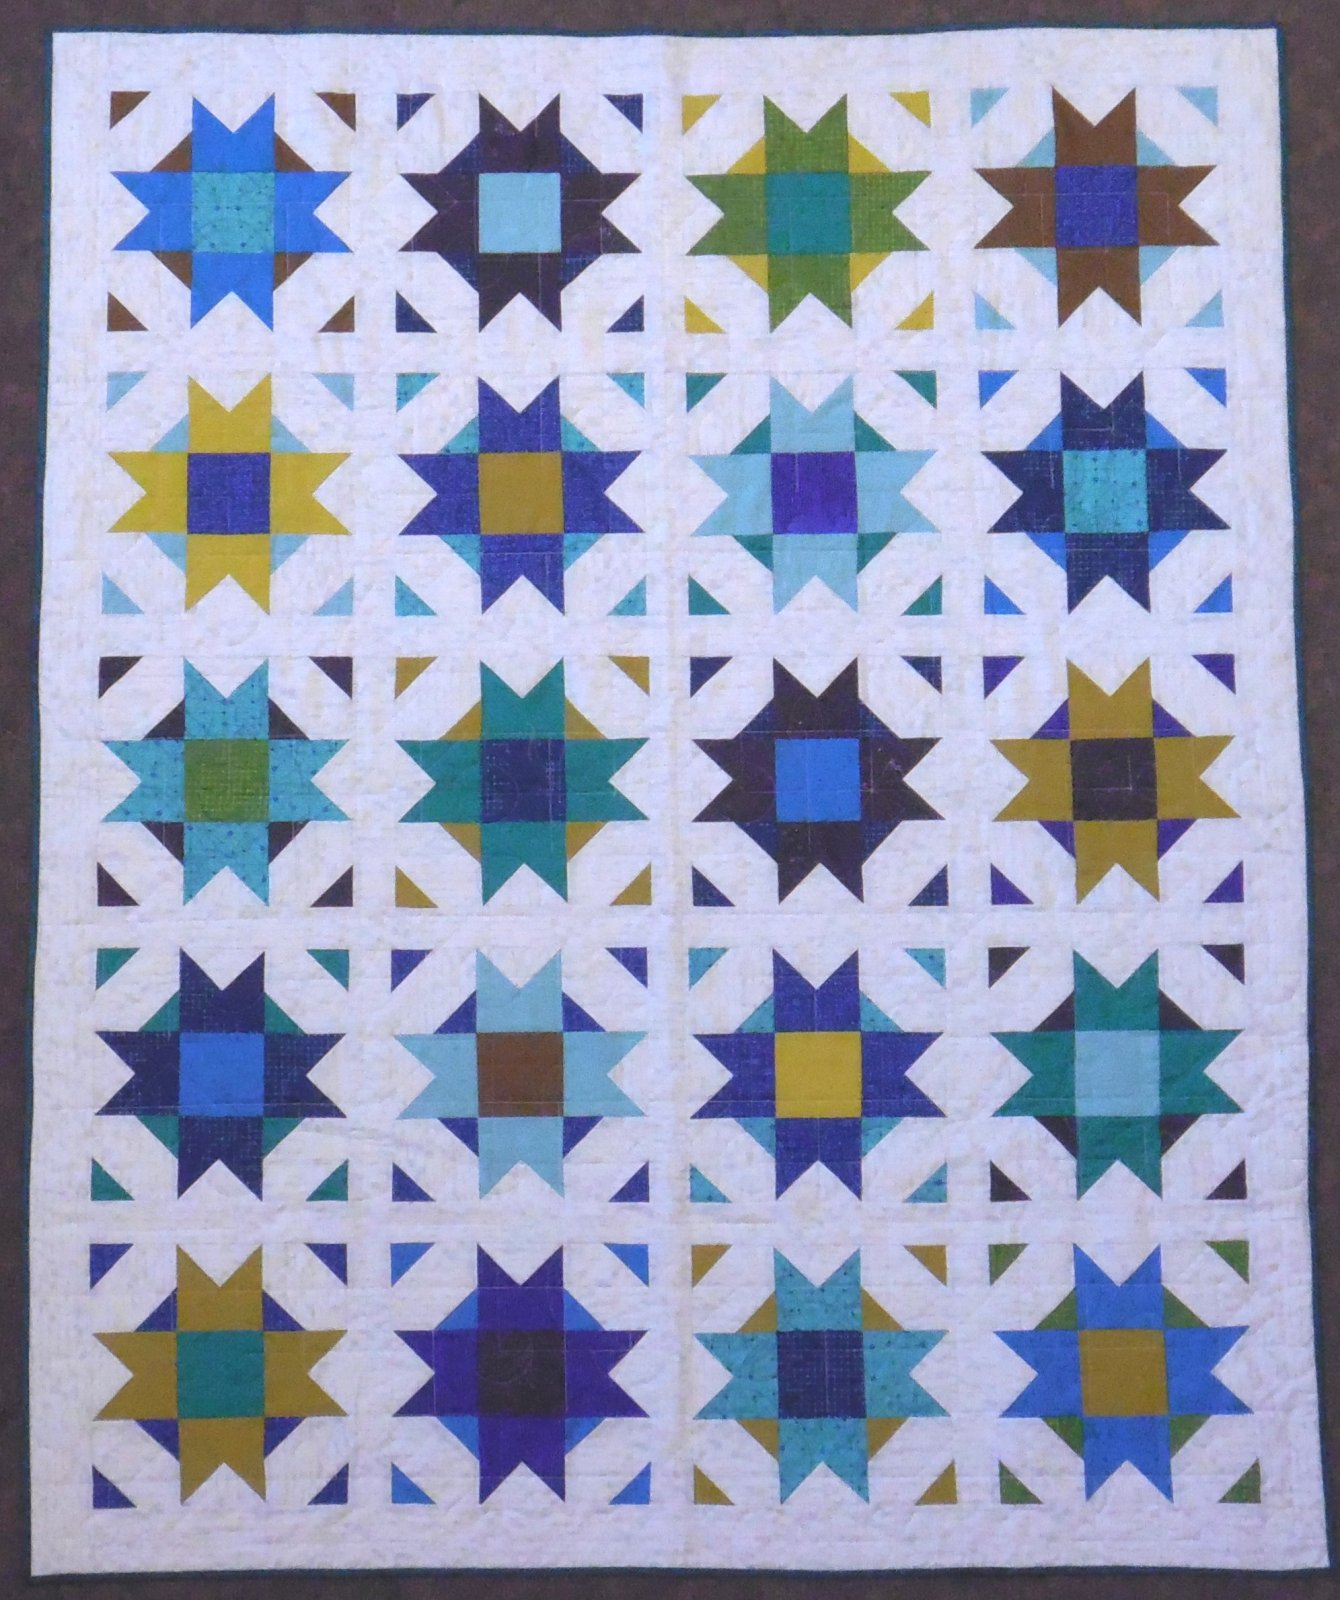 Compass Star Quilt Kit 60 x 74